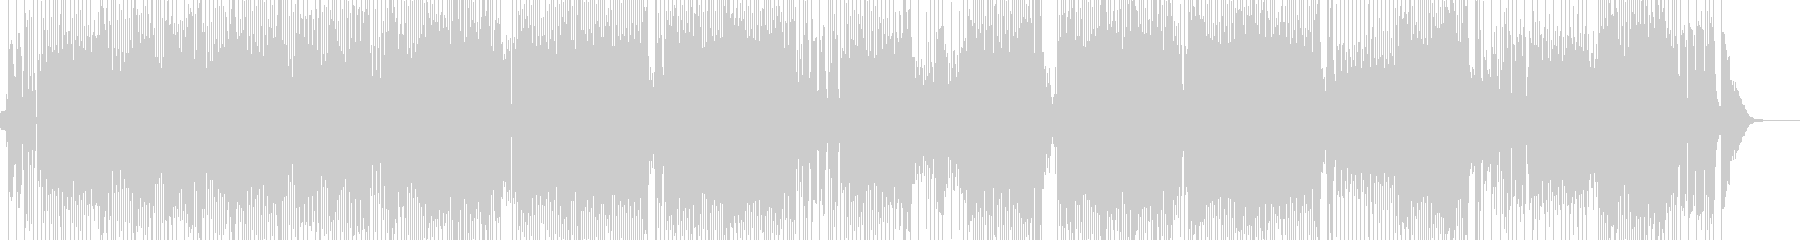 アルプス・笑顔・軽快なカントリー 長尺の未再生の波形